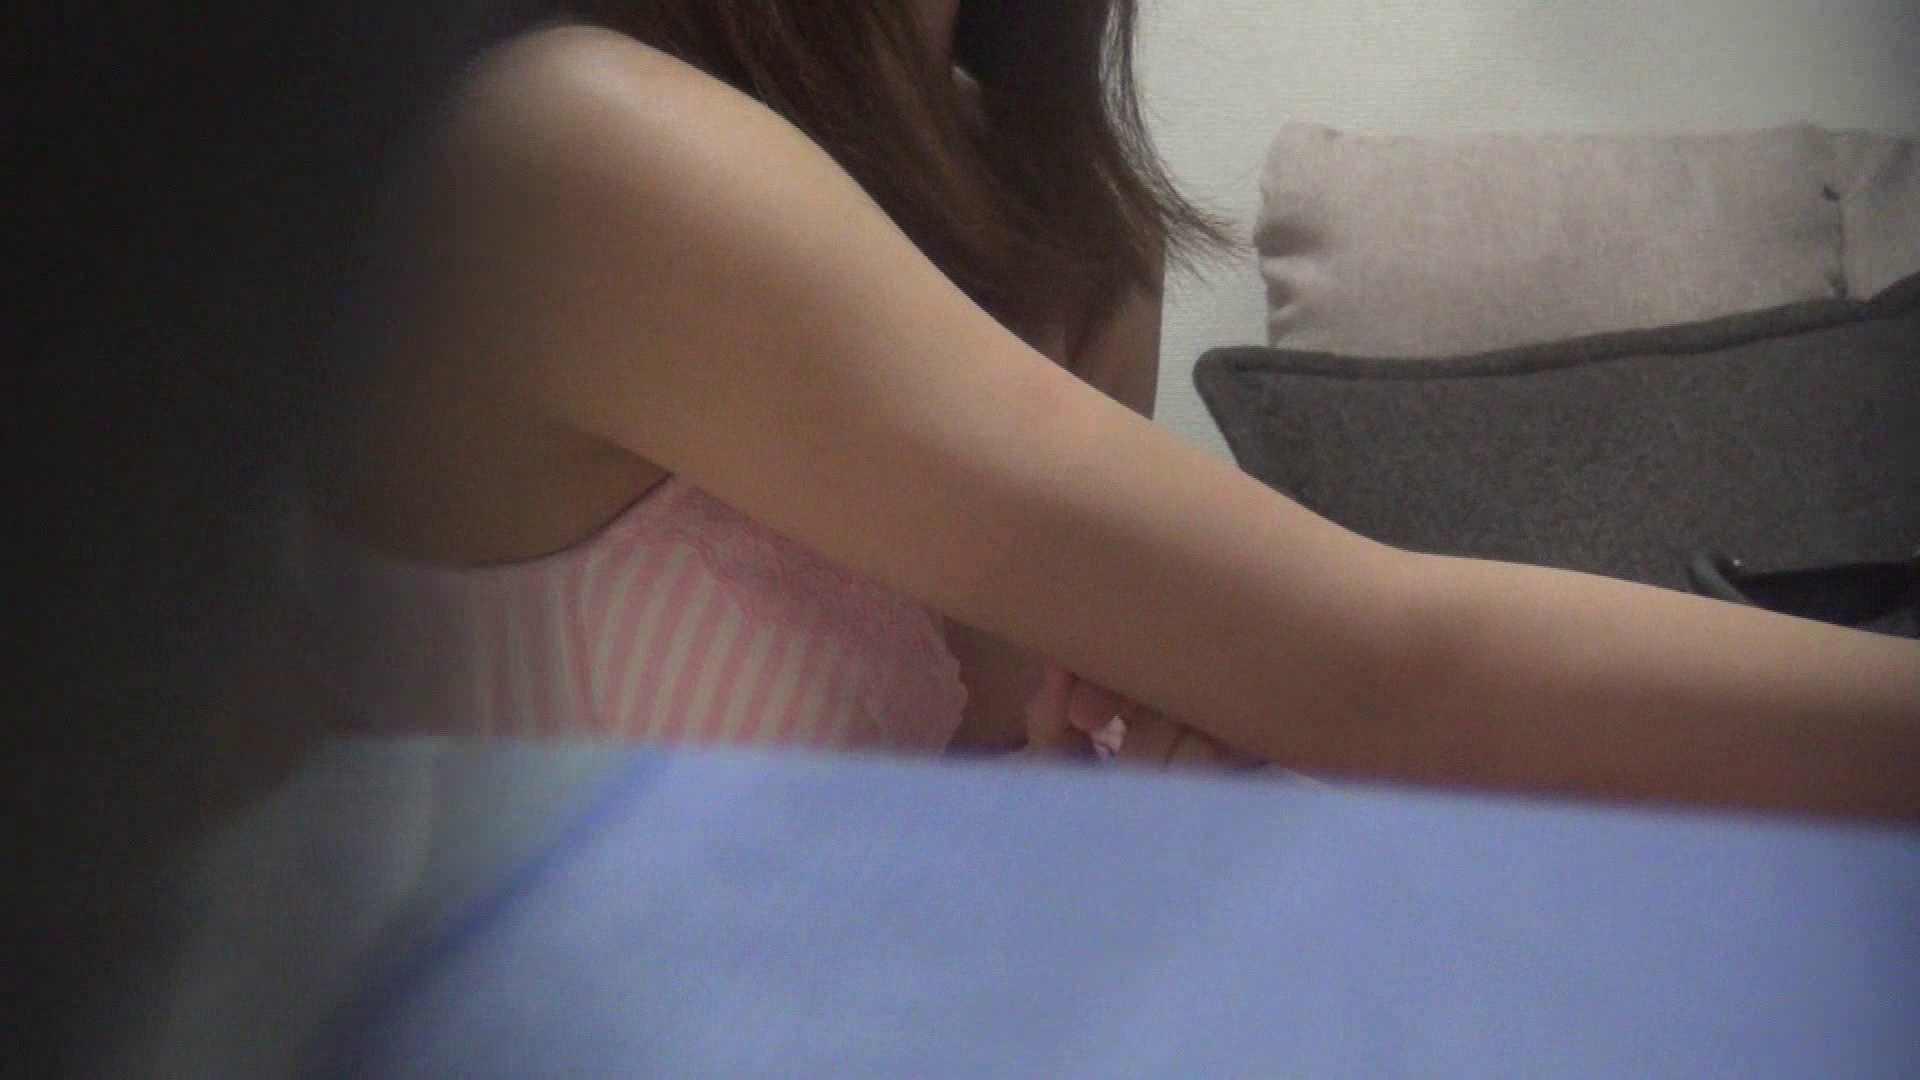 【05】仕事が忙しくて・・・久しぶりにベランダで待ち伏せ 覗き SEX無修正画像 94pic 49